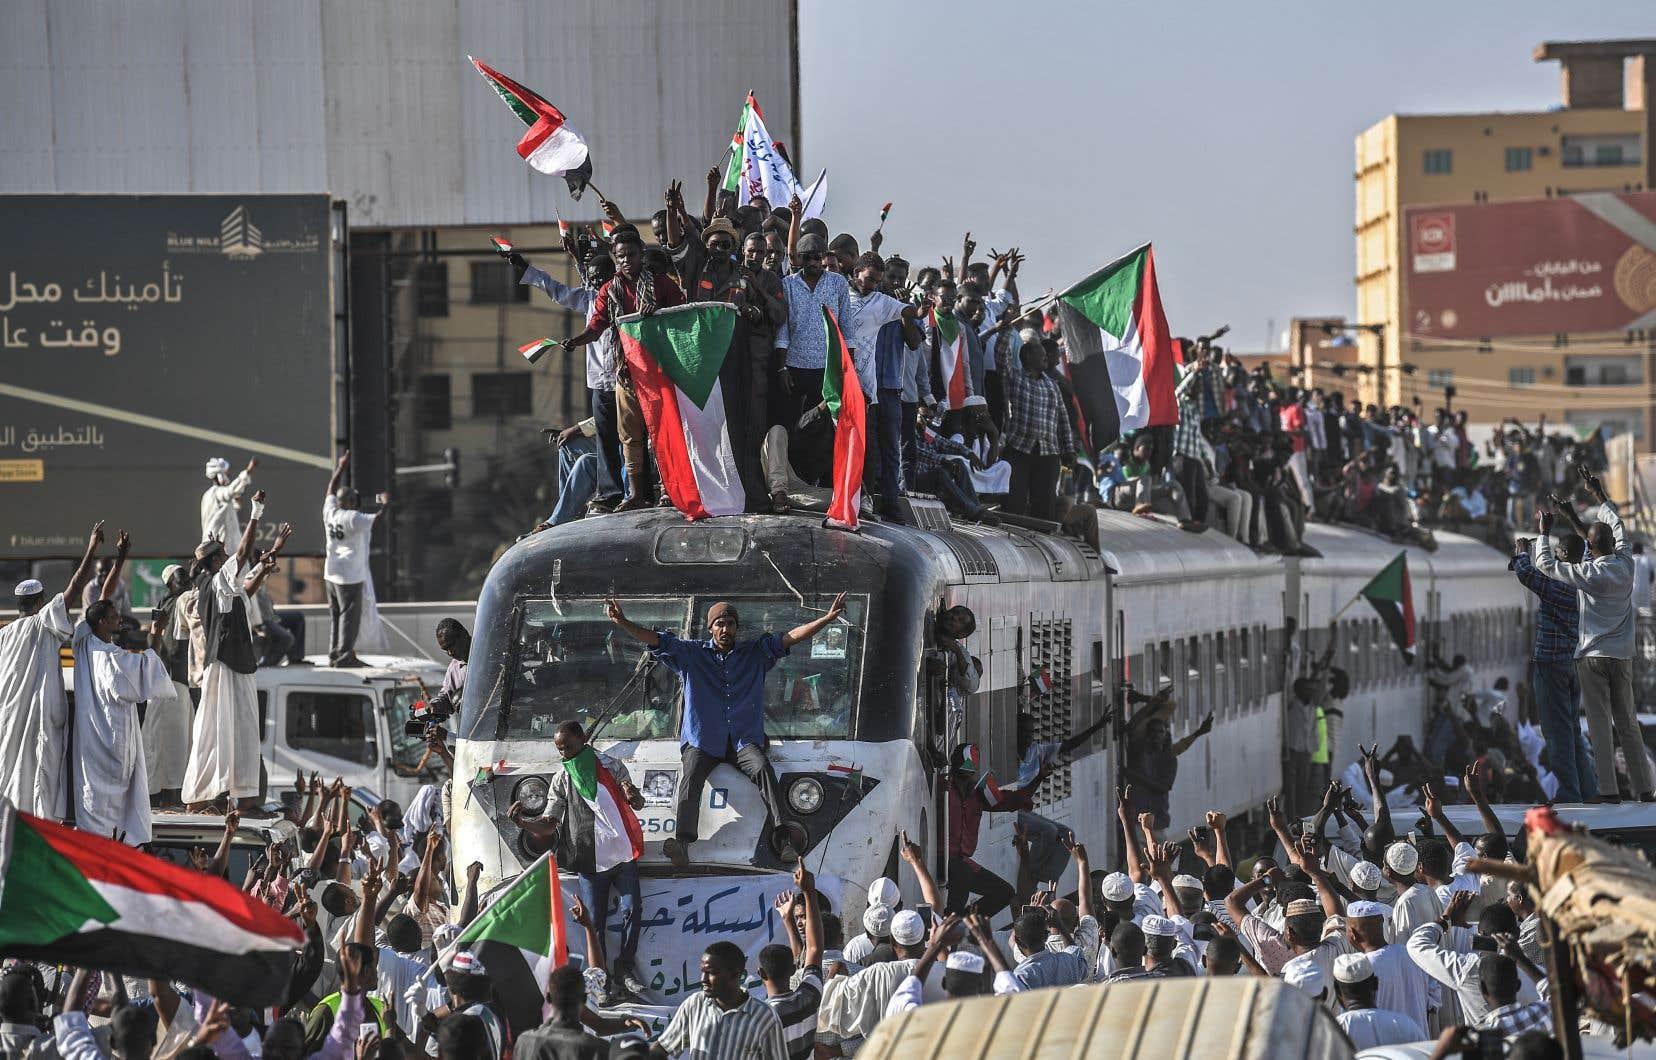 Les relations entre militaires et manifestants ont connu des soubresauts. Les responsables du mouvement de contestation avaient annoncé dimanche la suspension des discussions avec le Conseil militaire.